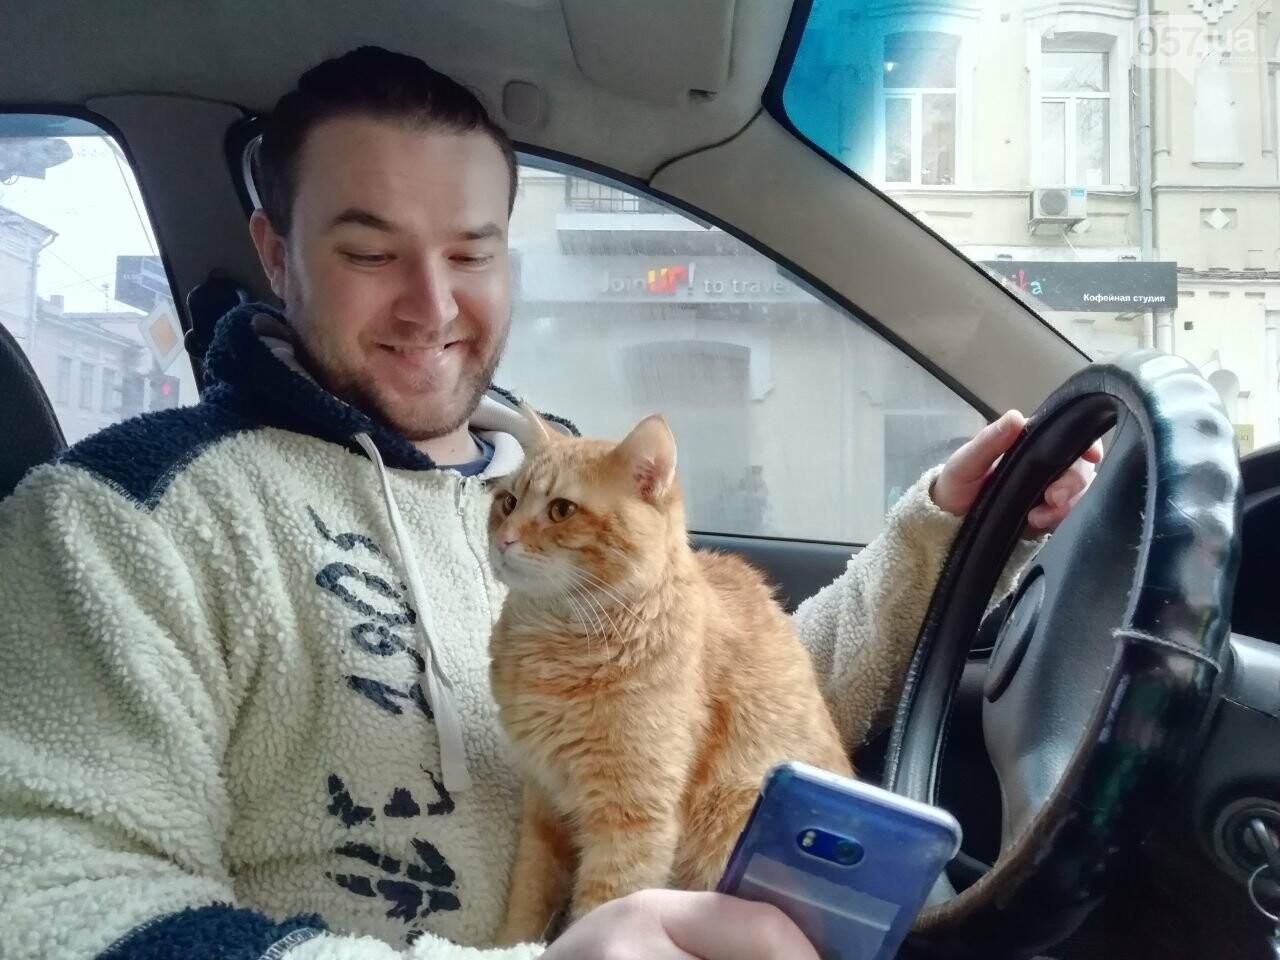 Поездка с котом и большие чаевые. Как харьковский таксист с питомцем возит пассажиров, - ФОТО, фото-26